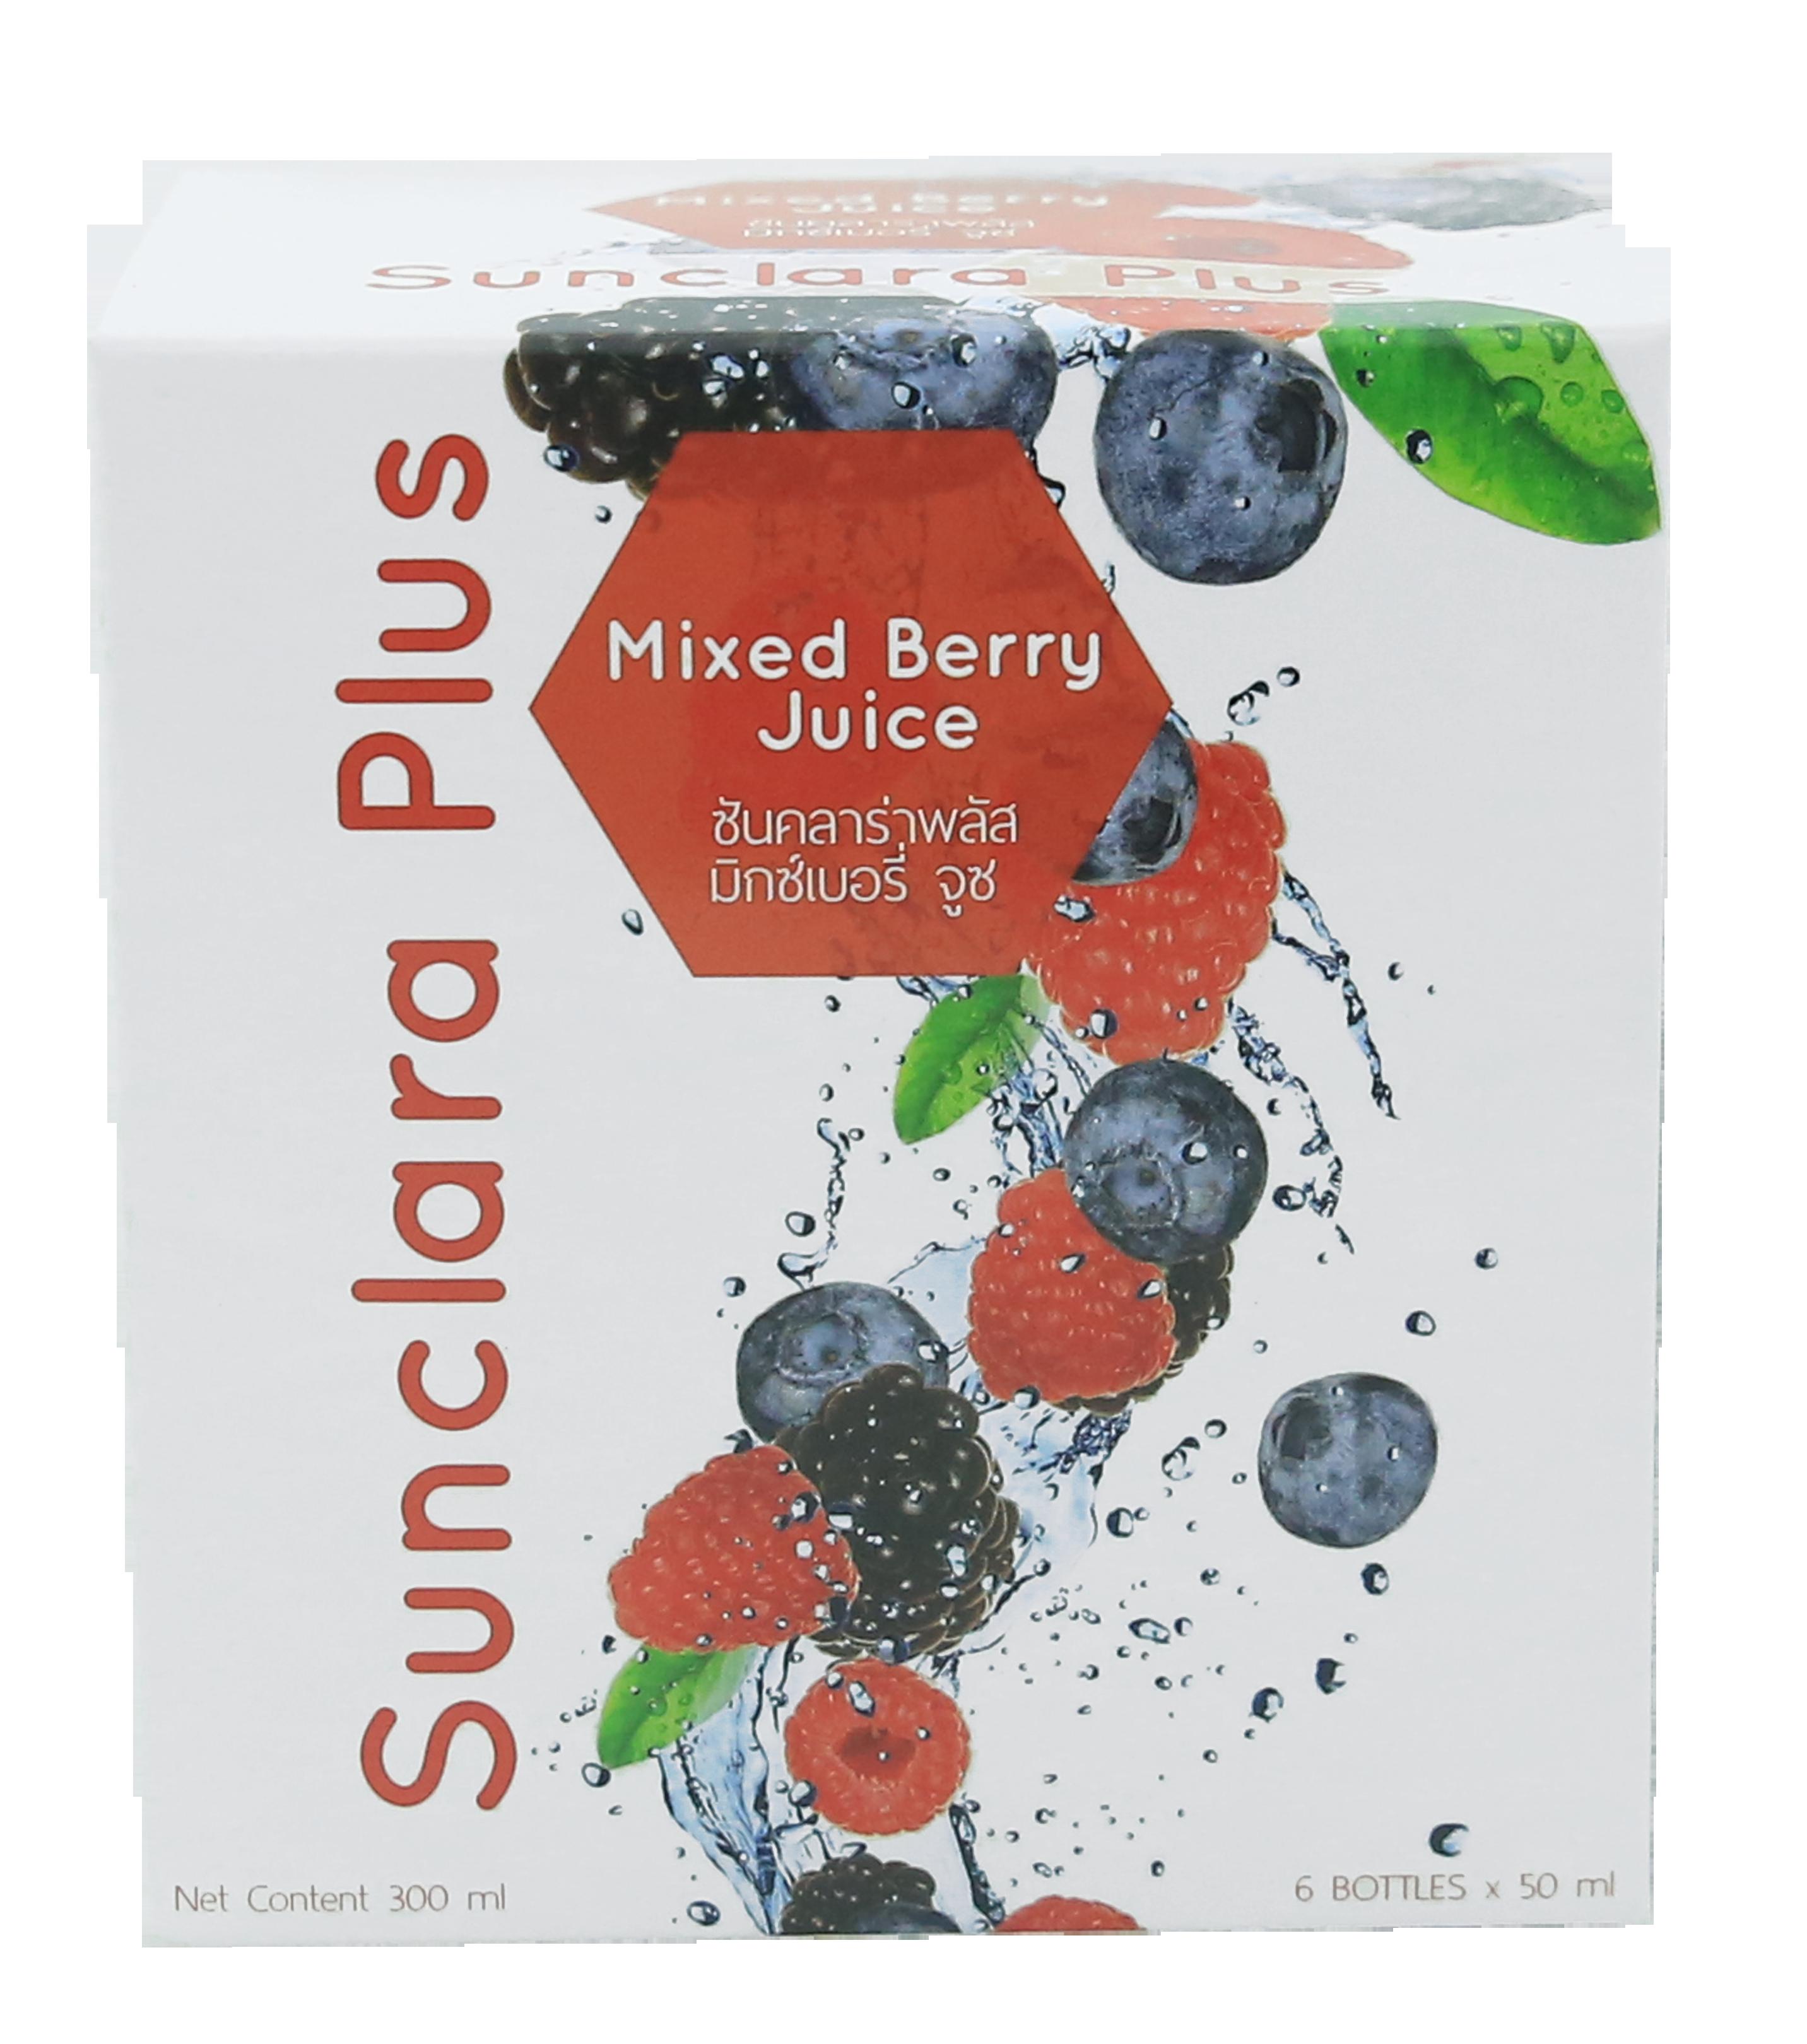 Sunclara Plus Mixed Berry Juice , ซันคลาร่าพลัส มิกซ์เบอรี่ จูซ